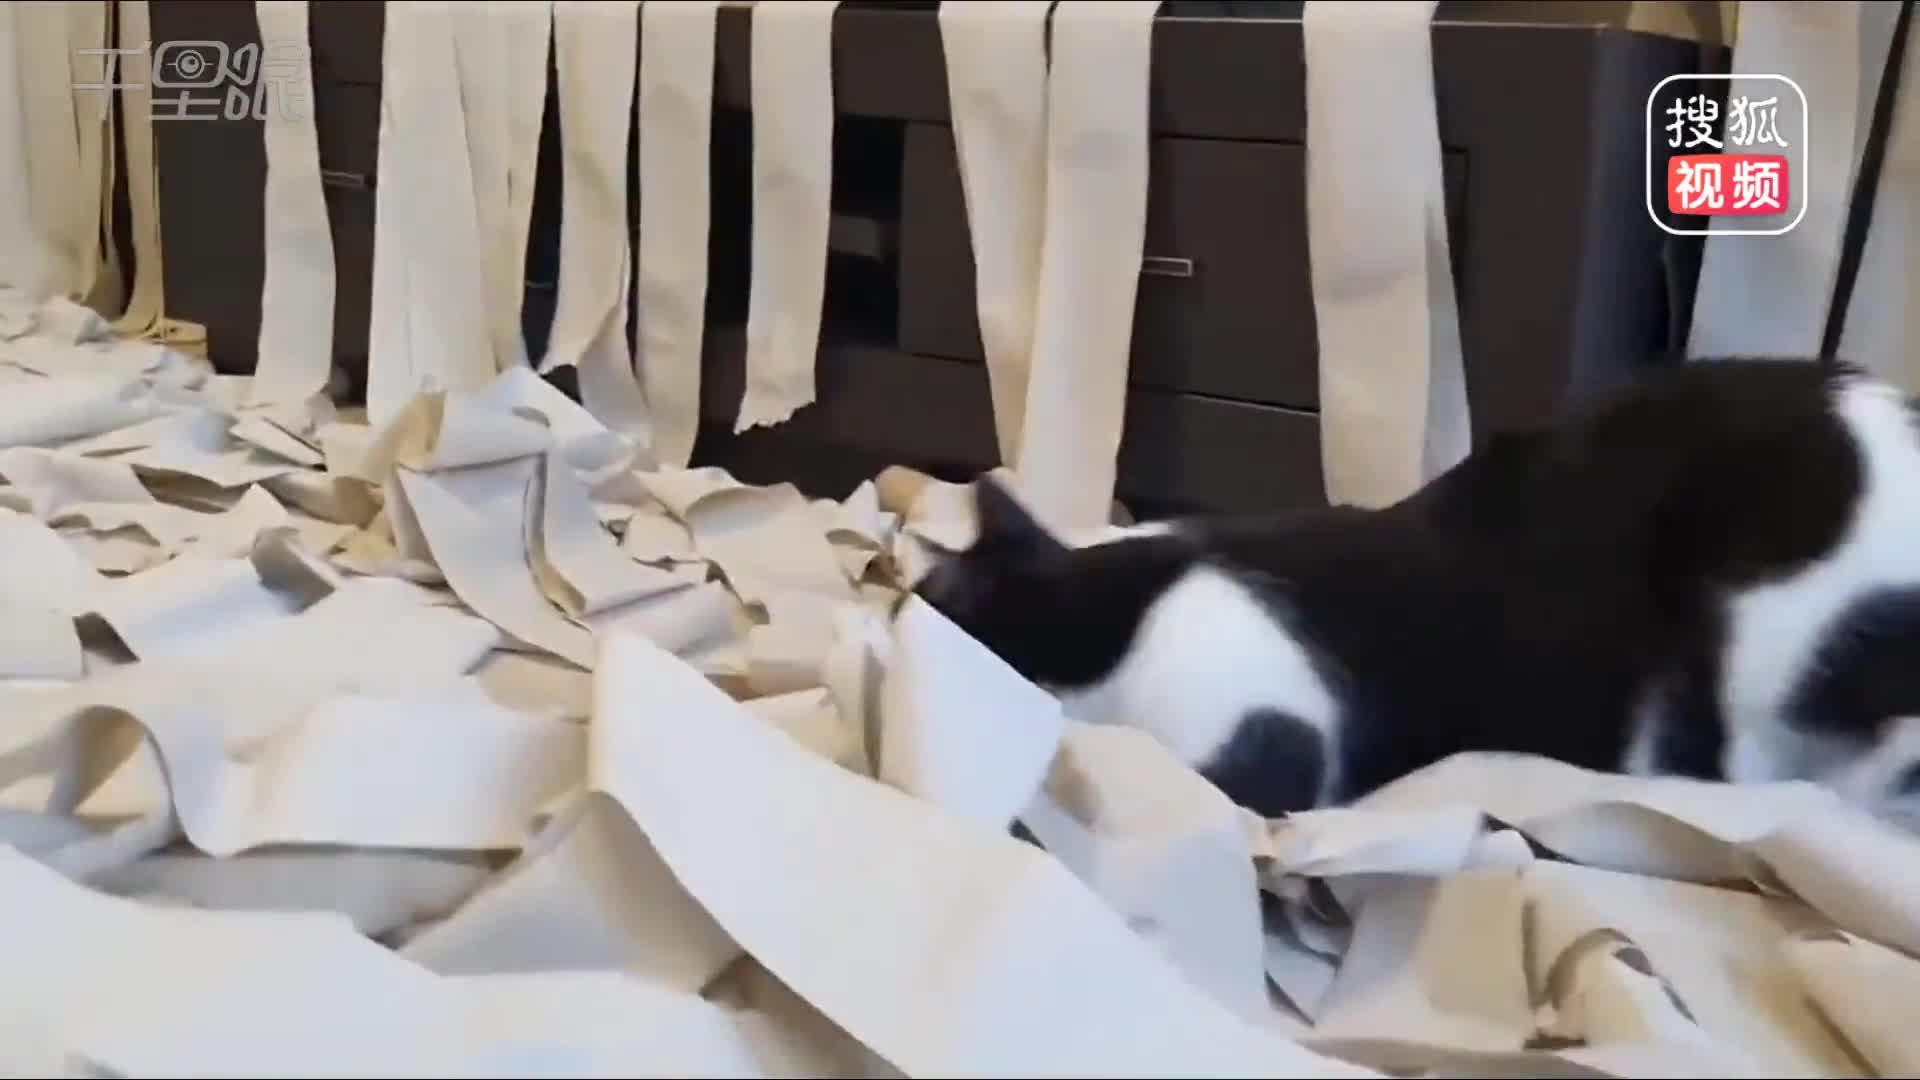 [视频]铲屎官100卷卫生纸布满房间 喵星人兴奋坏了